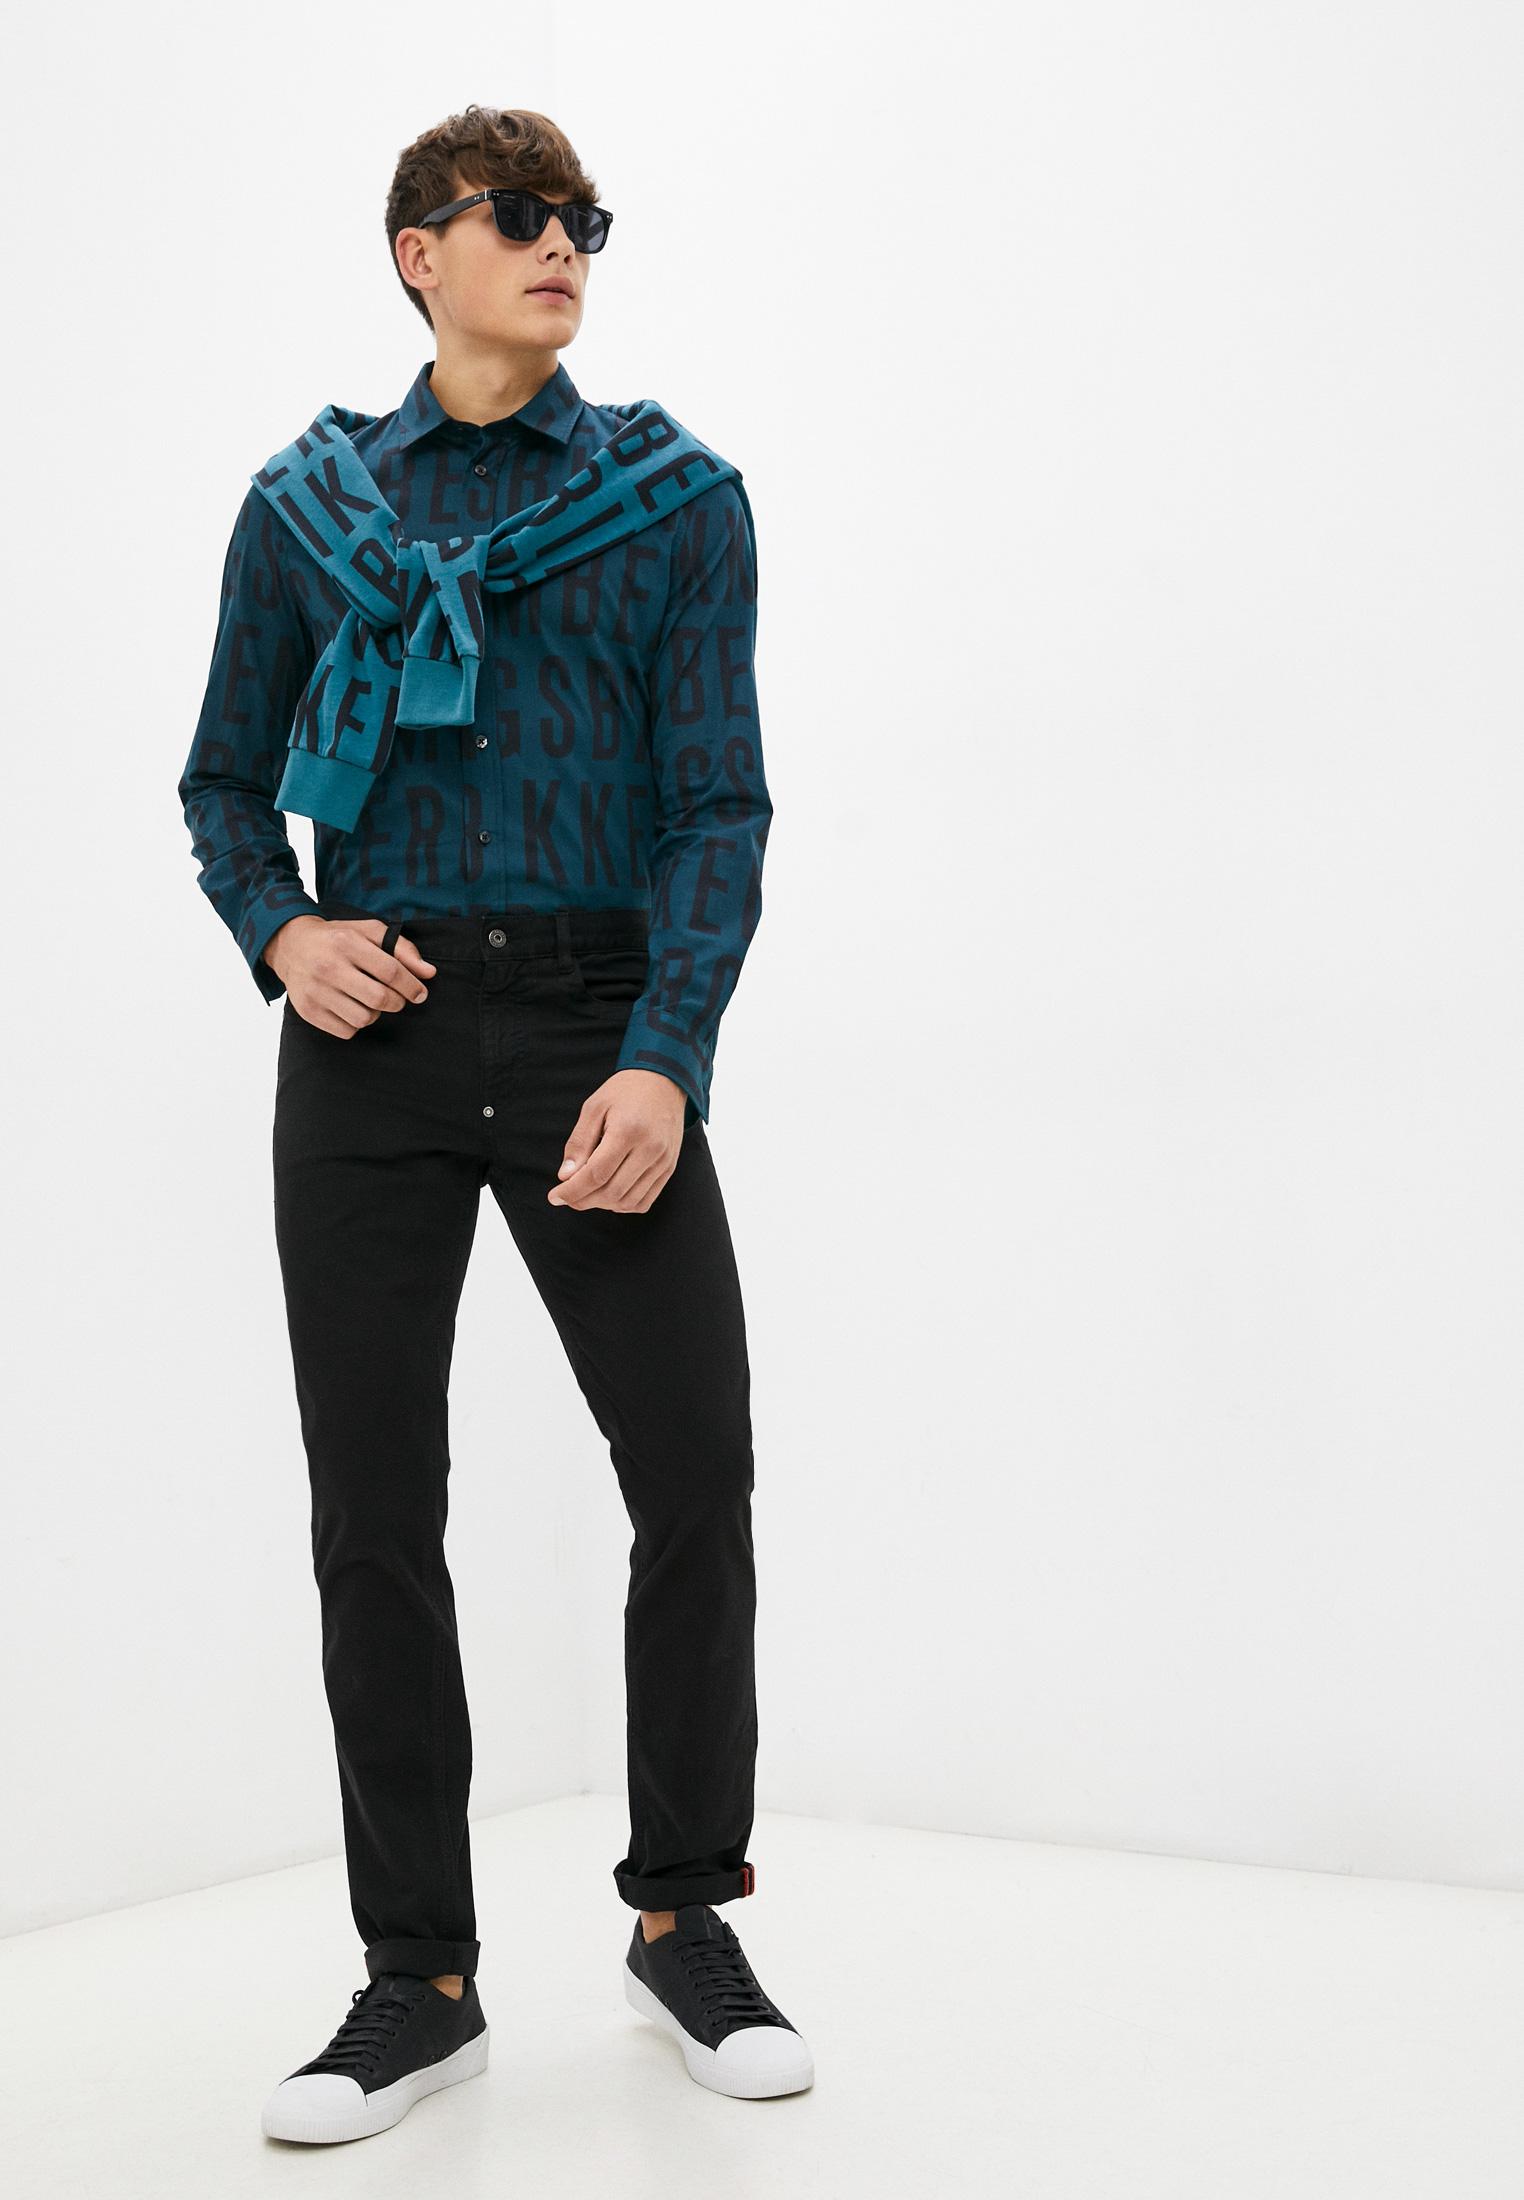 Мужские зауженные джинсы Bikkembergs (Биккембергс) C Q 101 18 S 3279: изображение 3